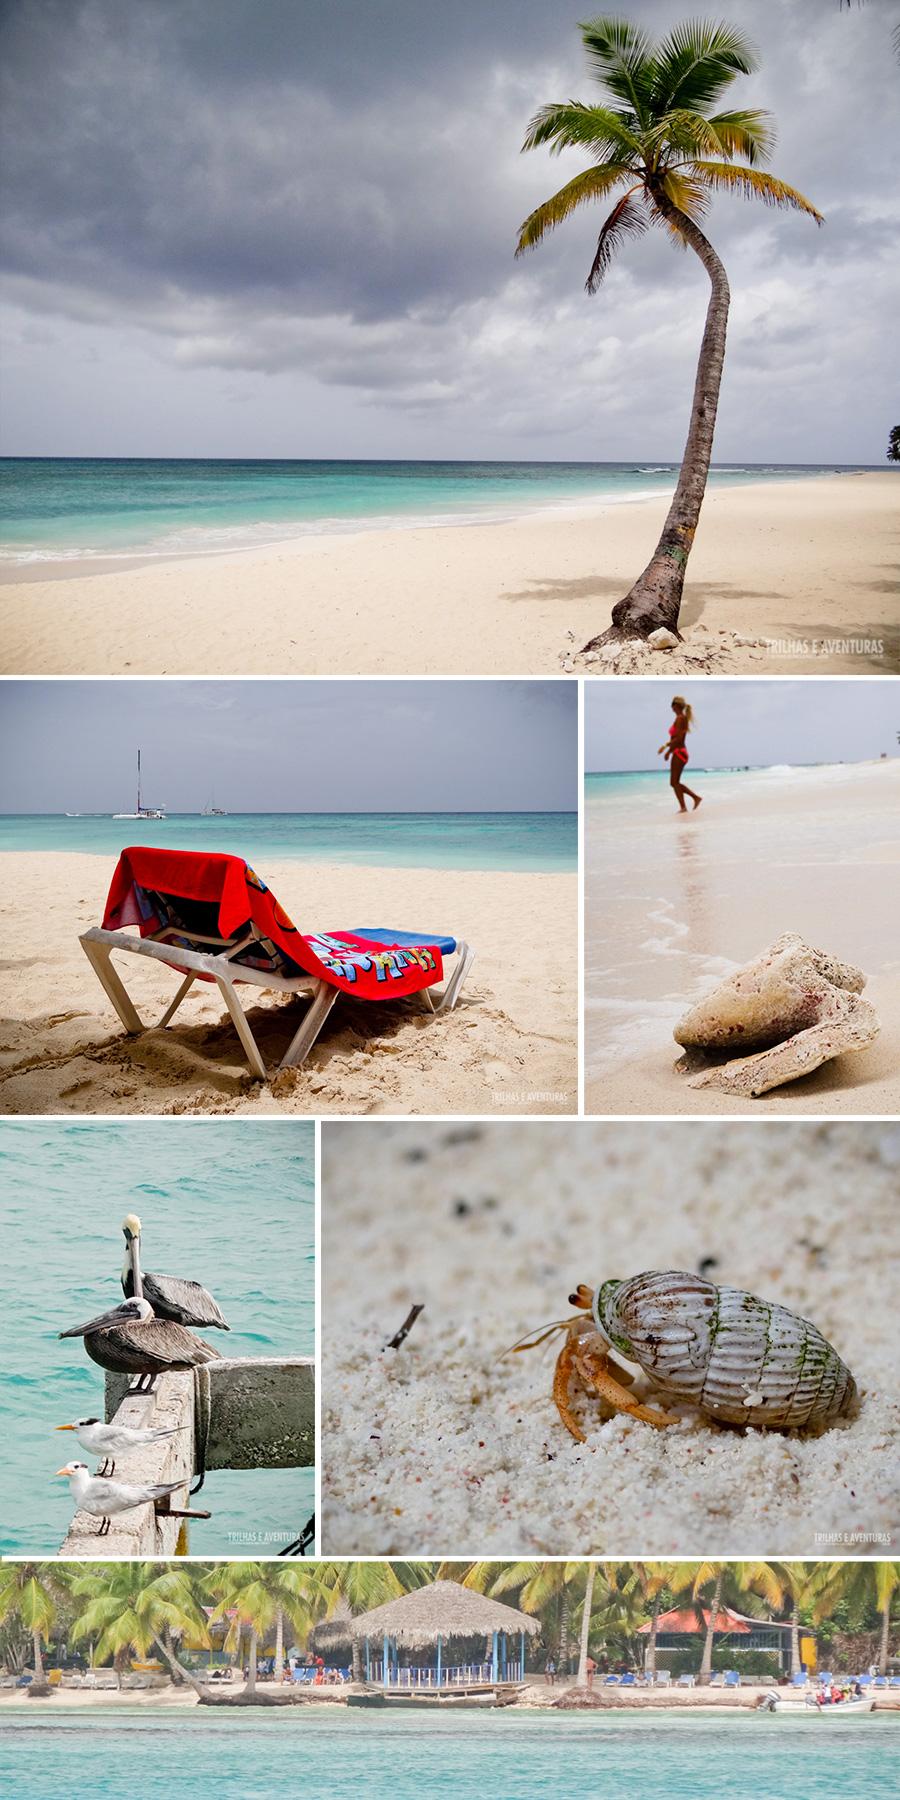 Mesmo com o tempo ruim dá pra ver que a Ilha Saona é um lugar incrível. Não acham?